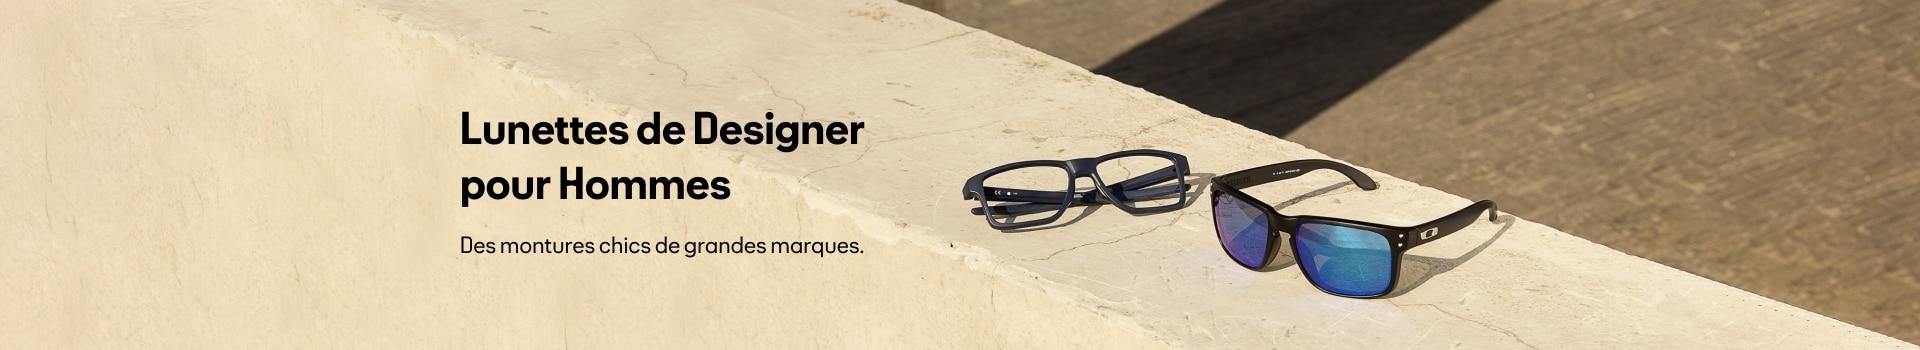 Montures de lunettes design pour homme